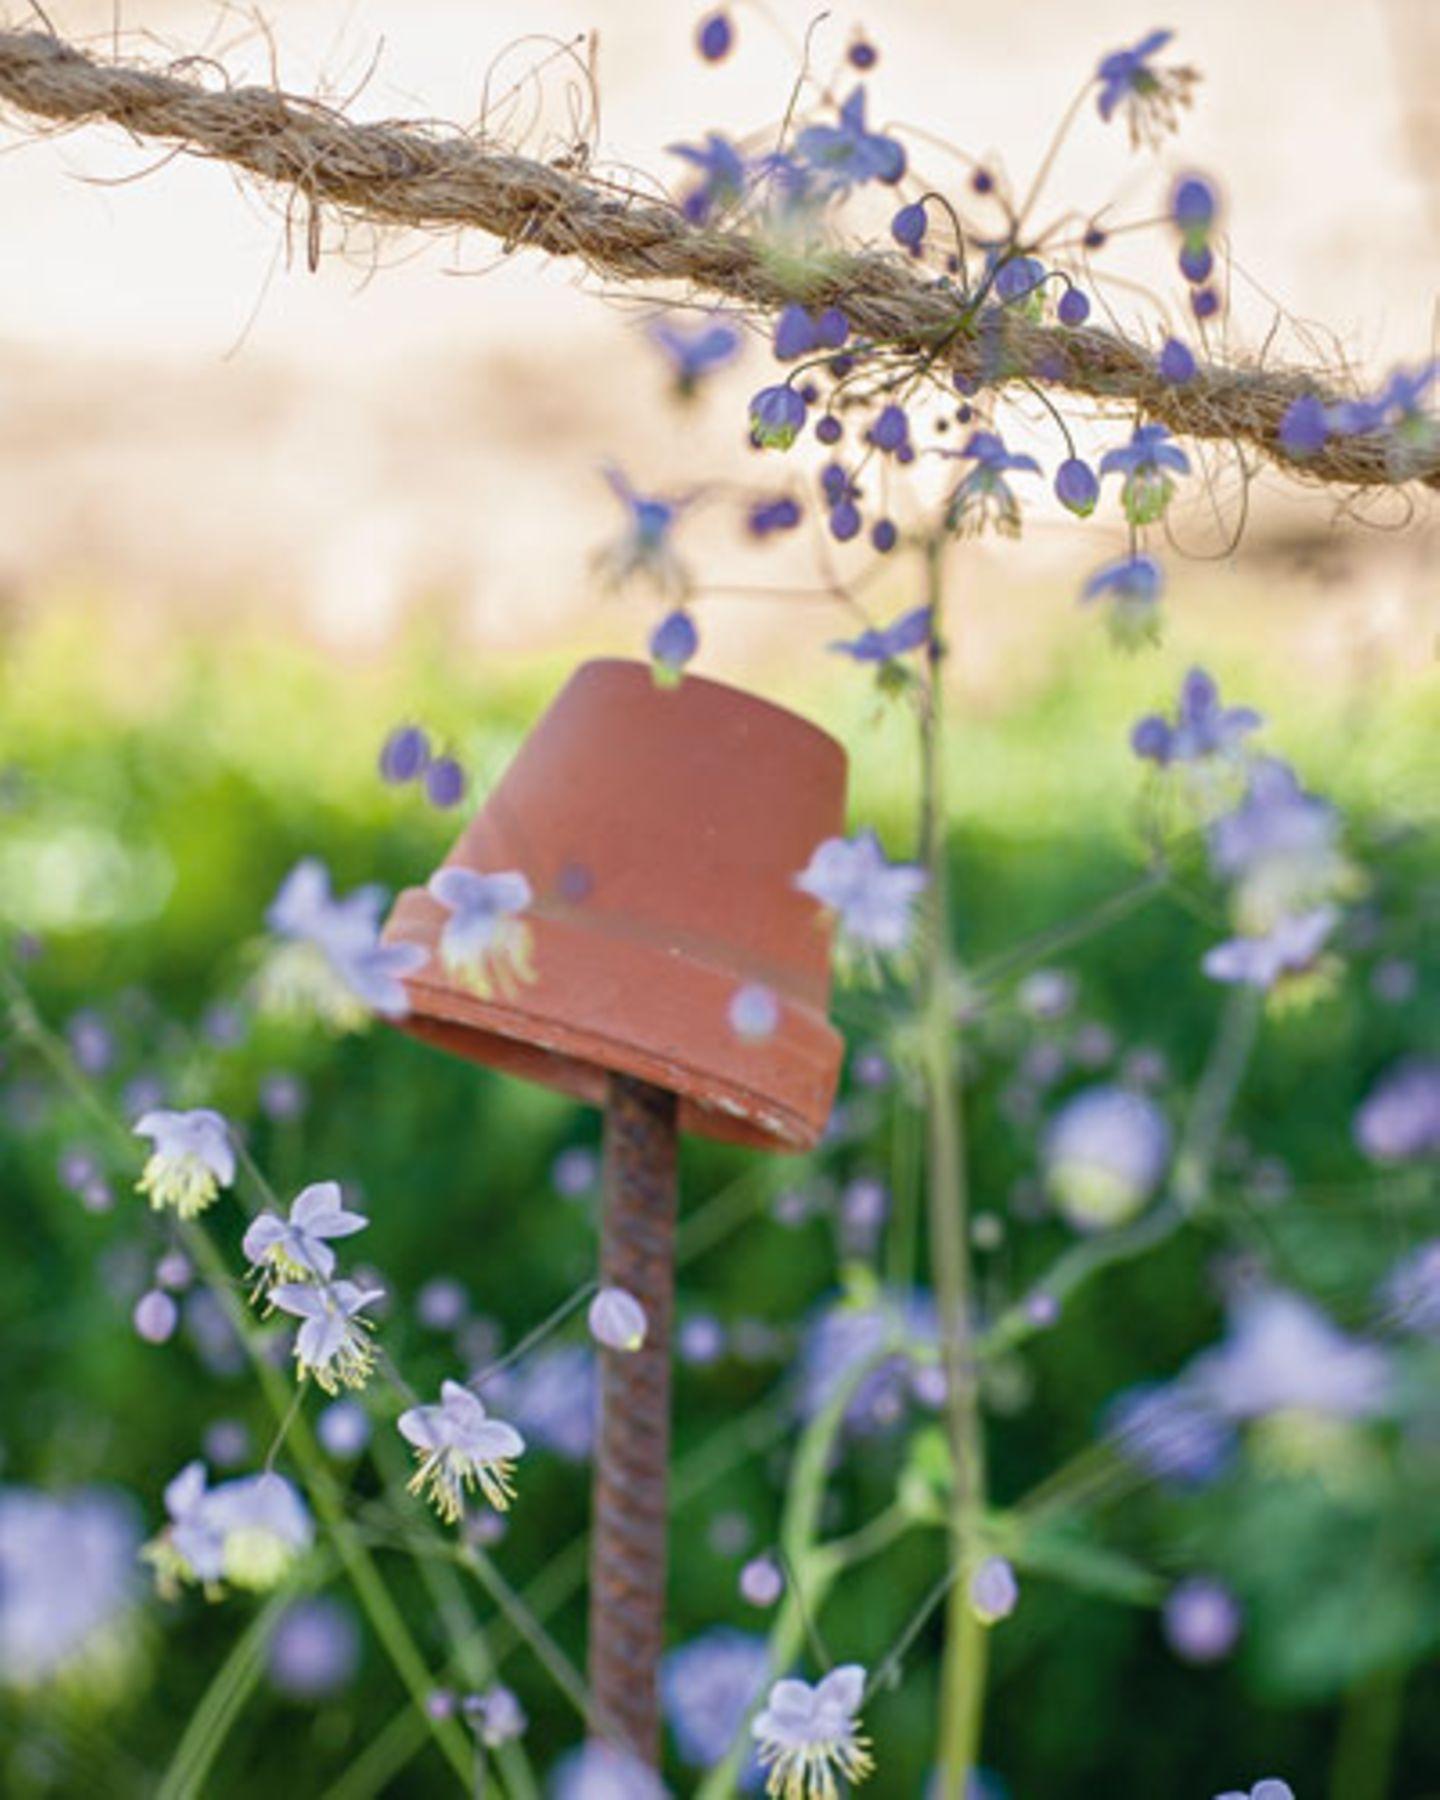 Auch für die Nützlinge ist gesorgt: Unter dem Topf, einer so genannten Ohrenkneifermütze, finden Garteninsekten Schutz